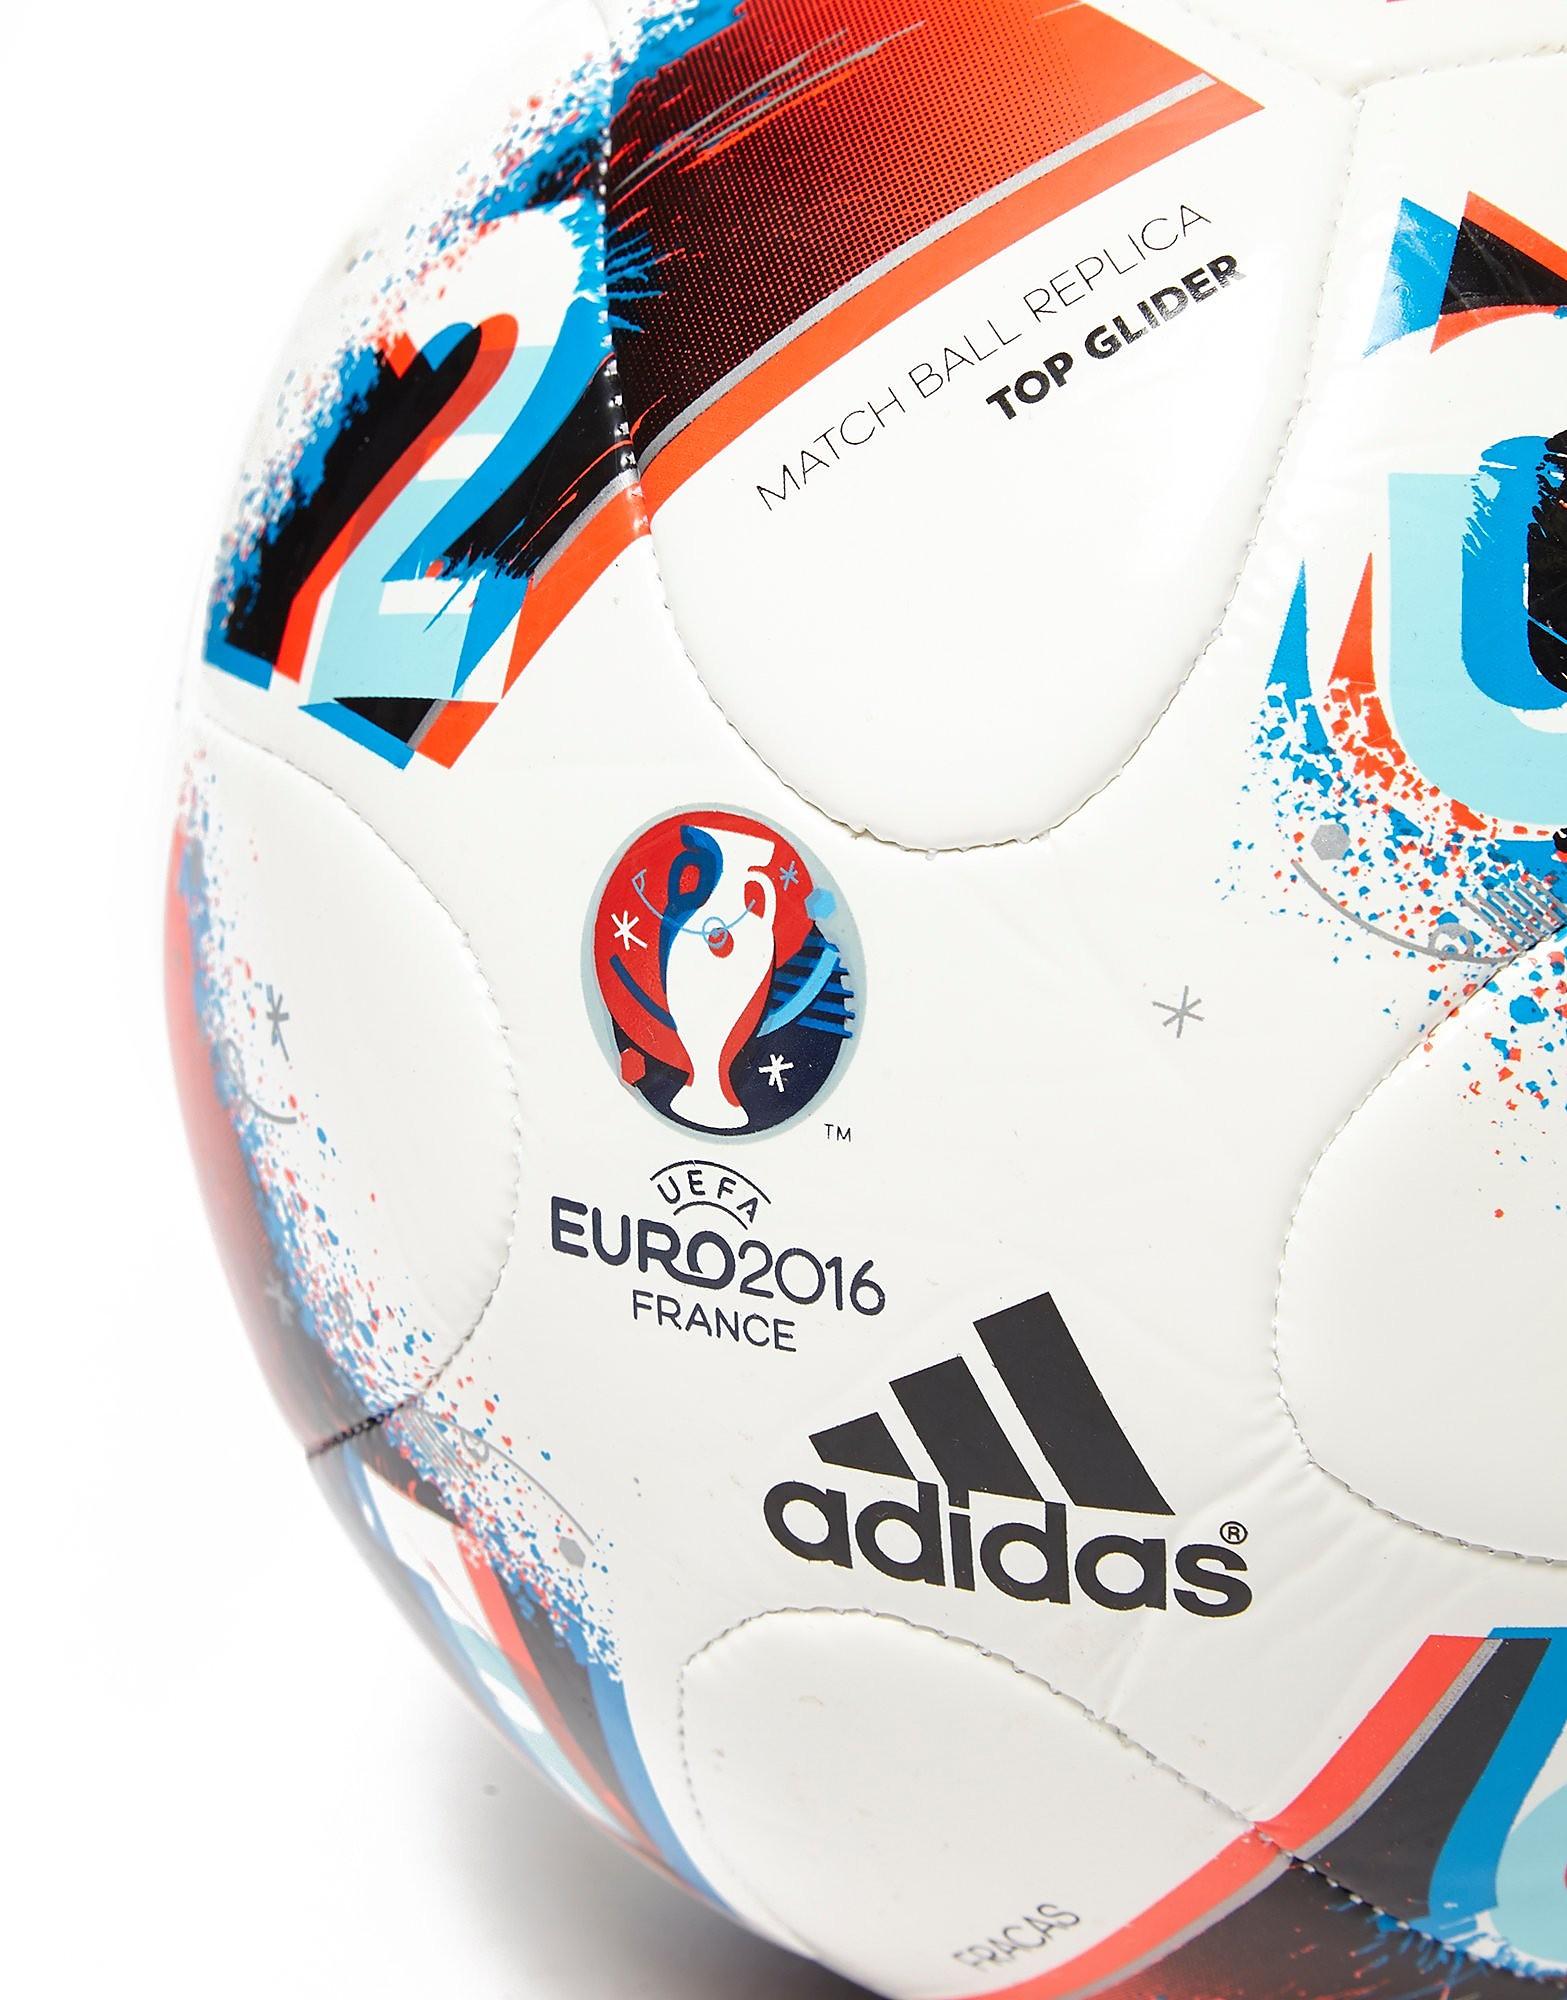 adidas Euro 2016 Final Glider fotboll